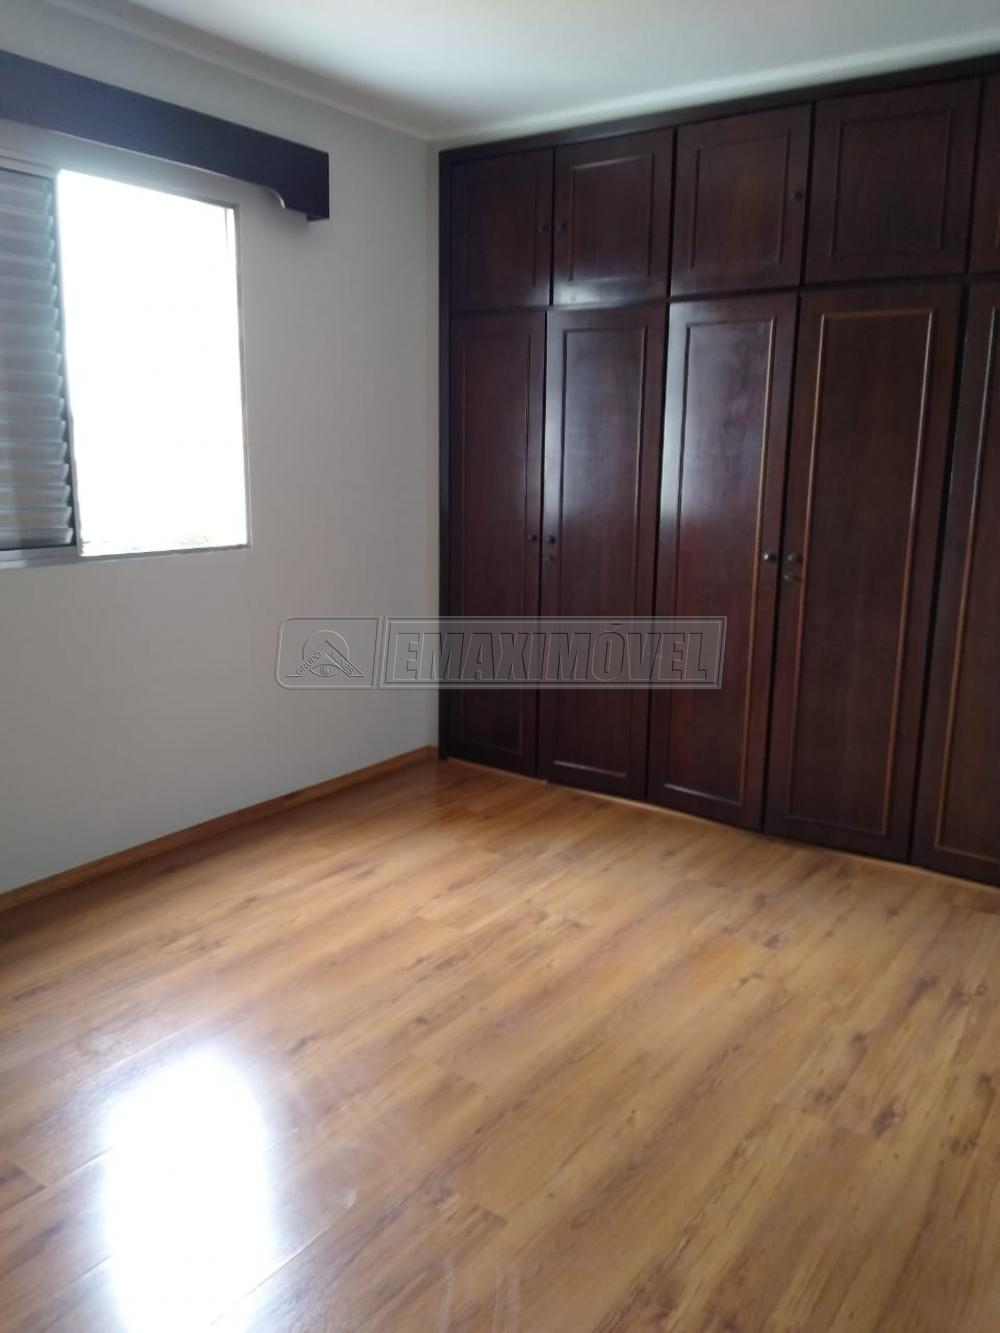 Alugar Apartamentos / Apto Padrão em Sorocaba apenas R$ 1.600,00 - Foto 7